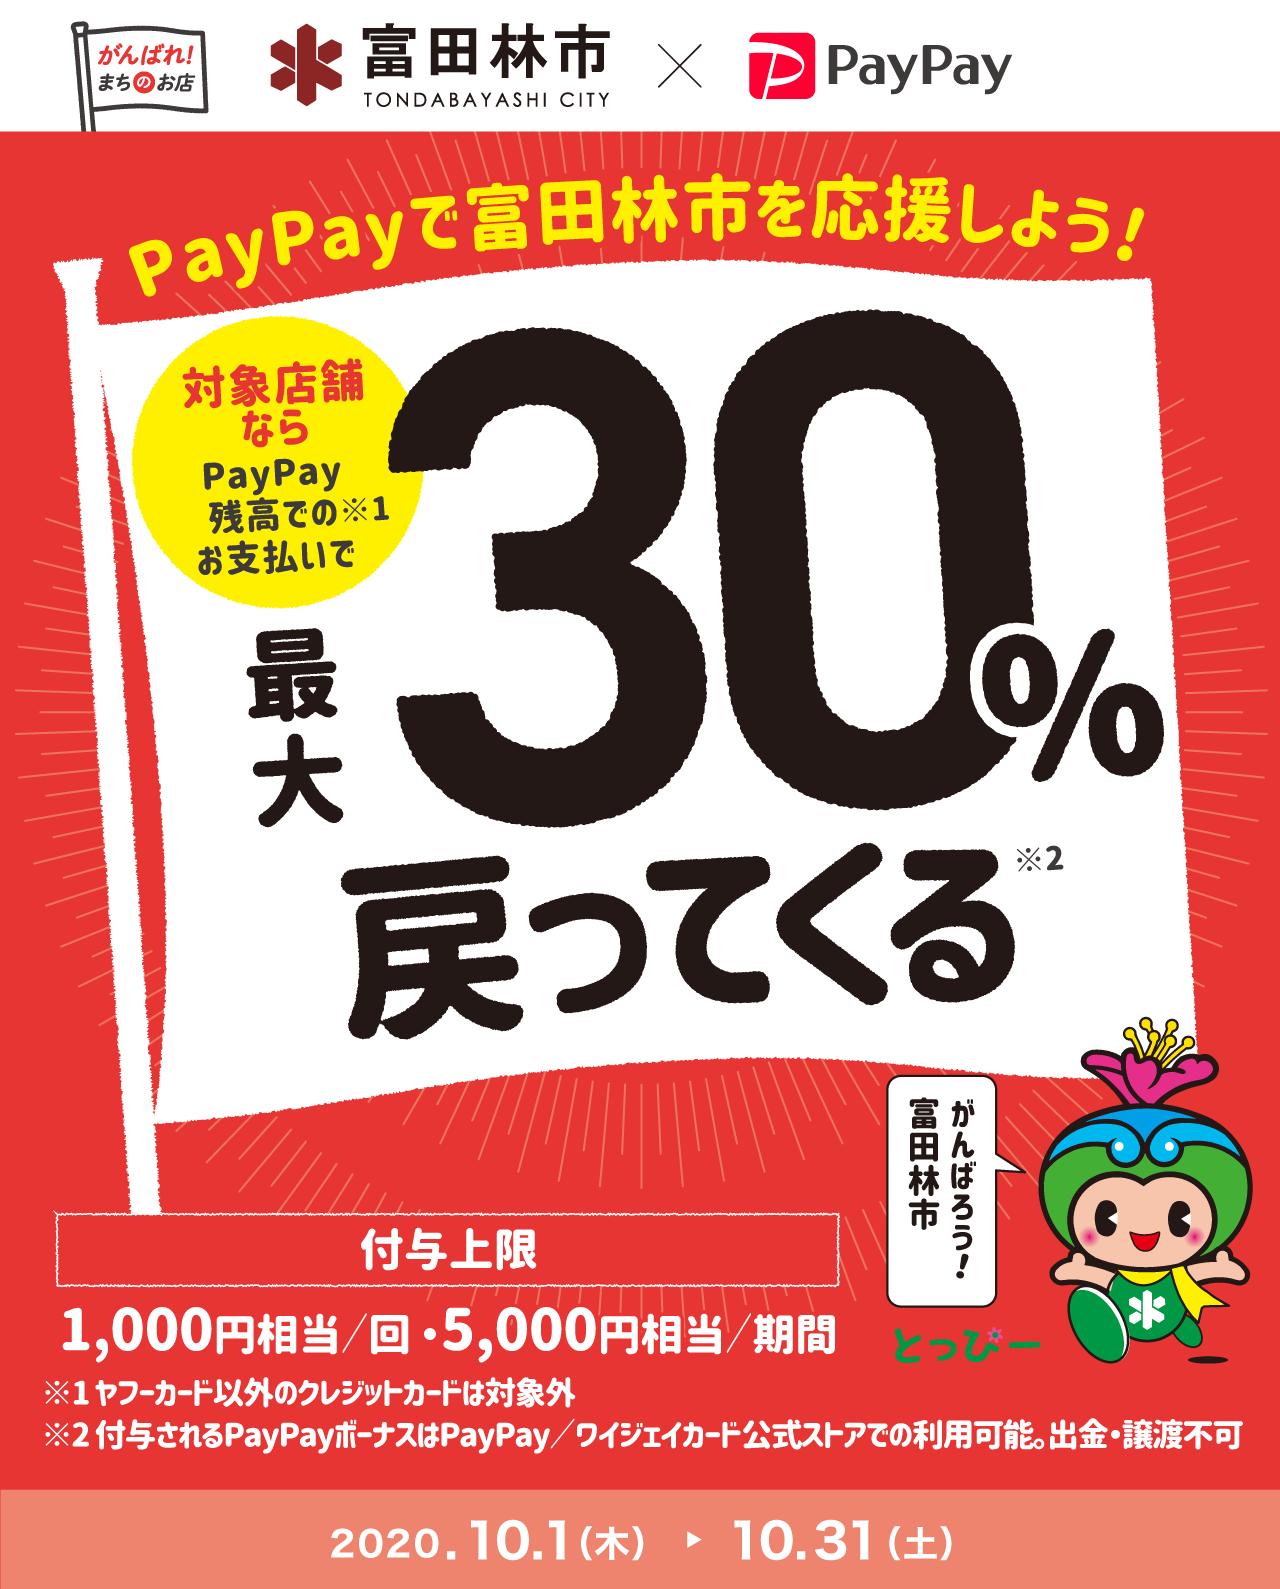 【最大30%還元!】富田林×PayPayのキャンペーン中!!